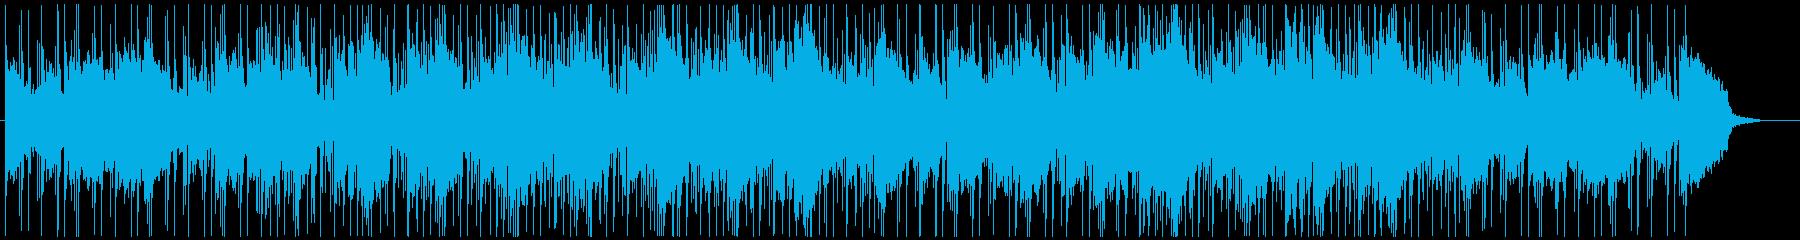 やさしい雰囲気のチル系のヒップホップですの再生済みの波形